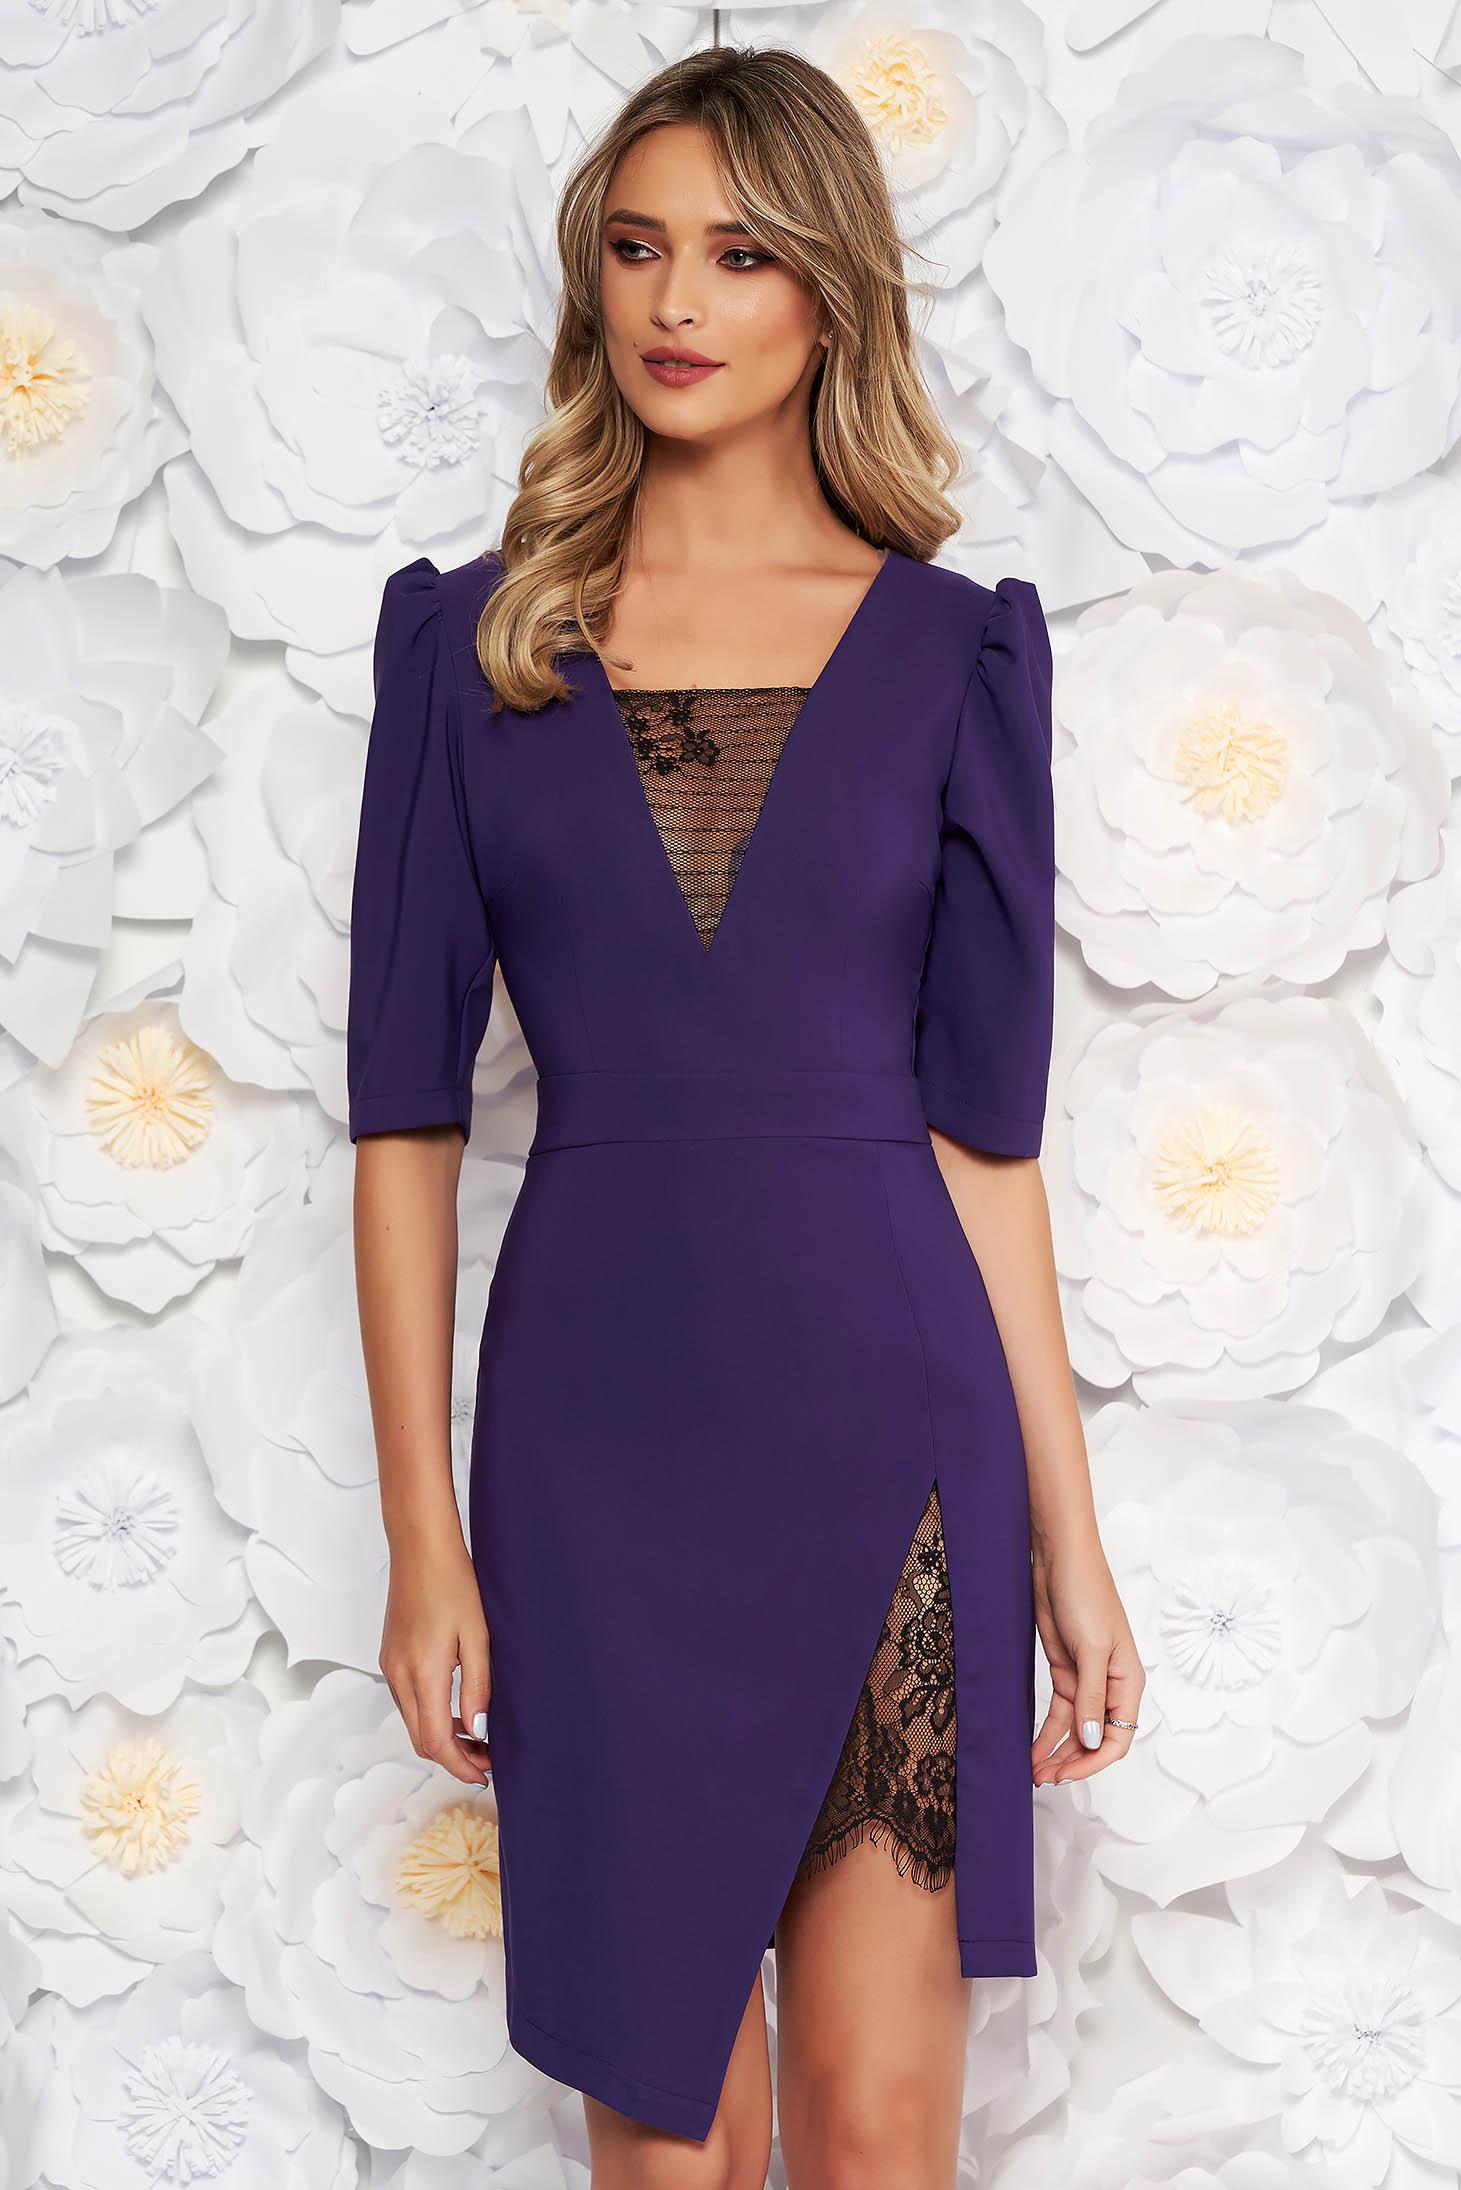 a807791eb9 Lila LaDonna elegáns ruha szűk szabás v-dekoltázzsal csipke díszítéssel